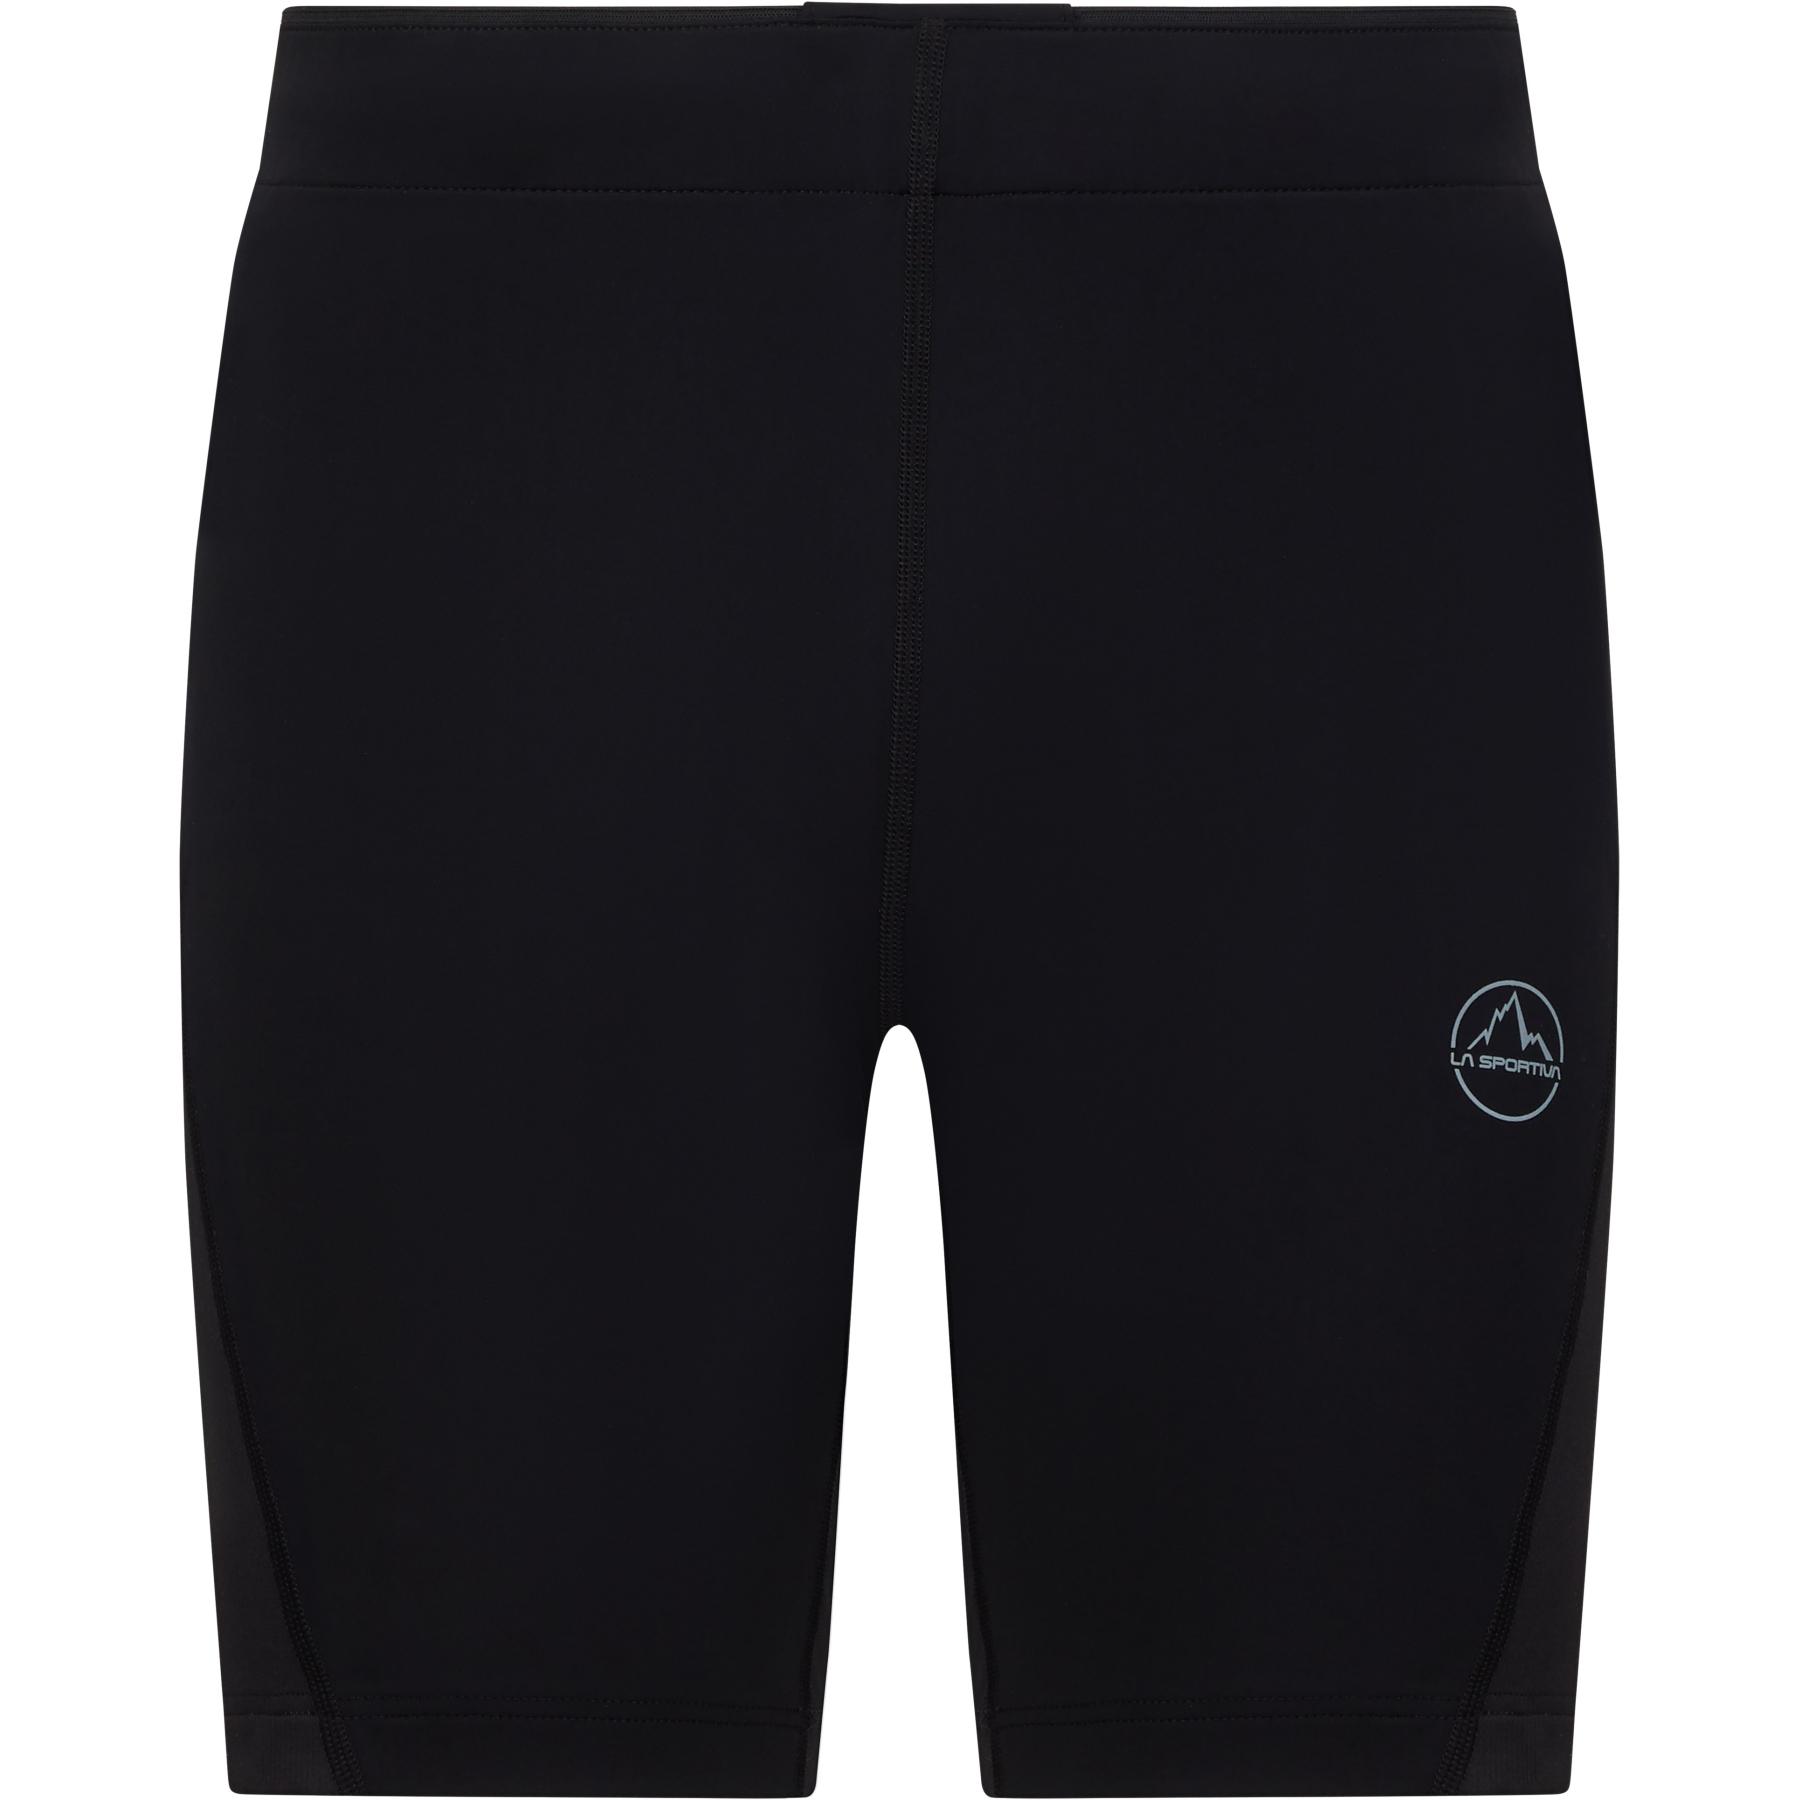 La Sportiva Triumph Shorts - Black/Cloud